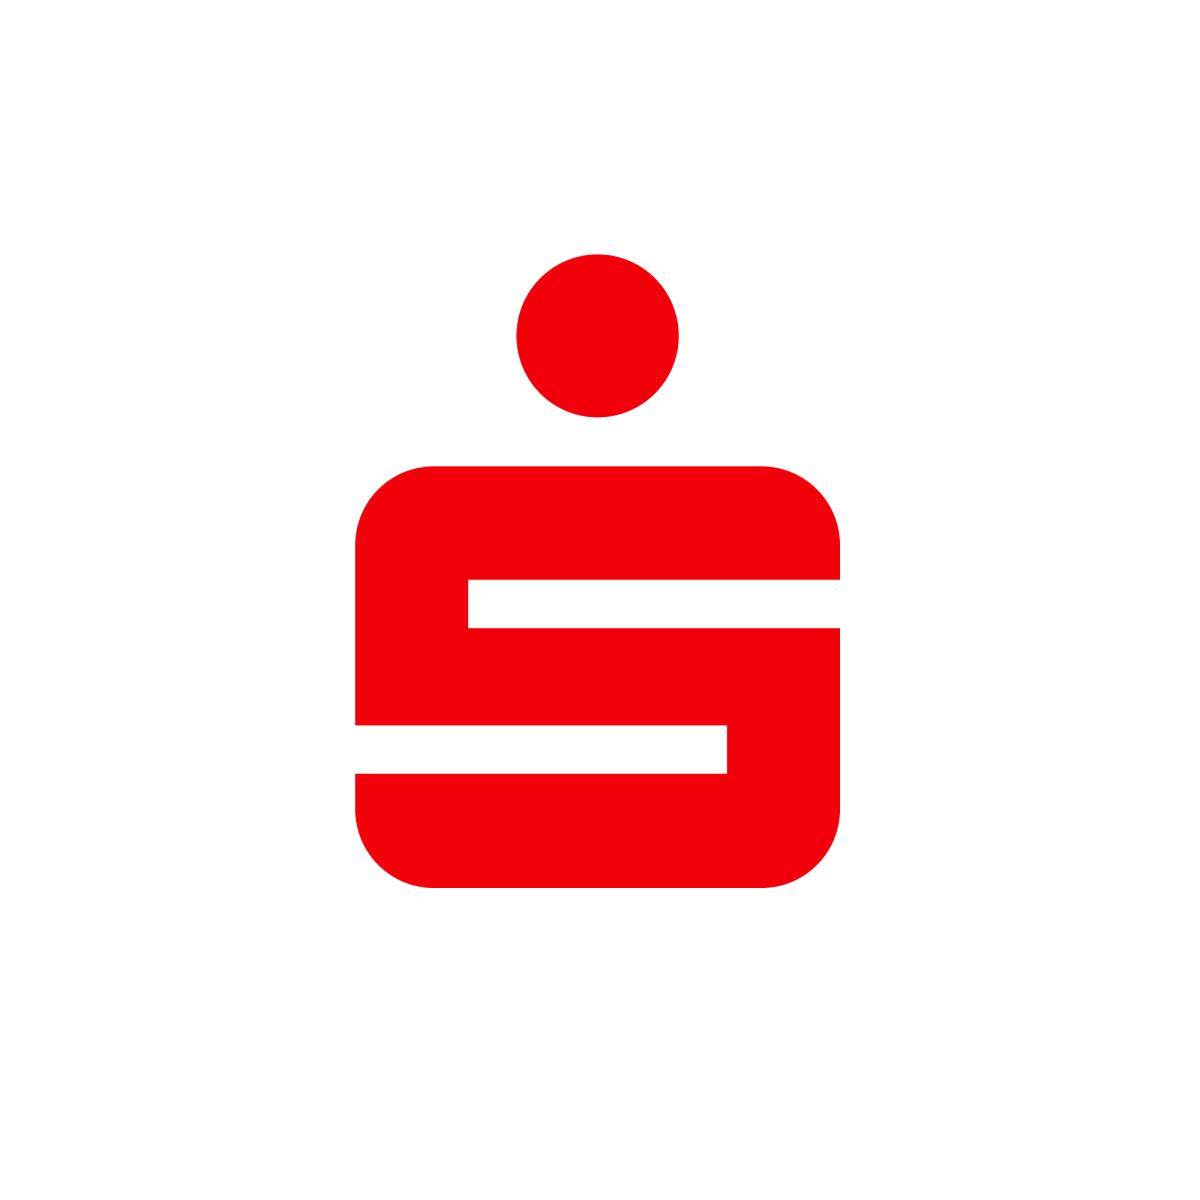 Sparkasse Logo Germany In 2020 Letter Logo Single Letter Logo Logos